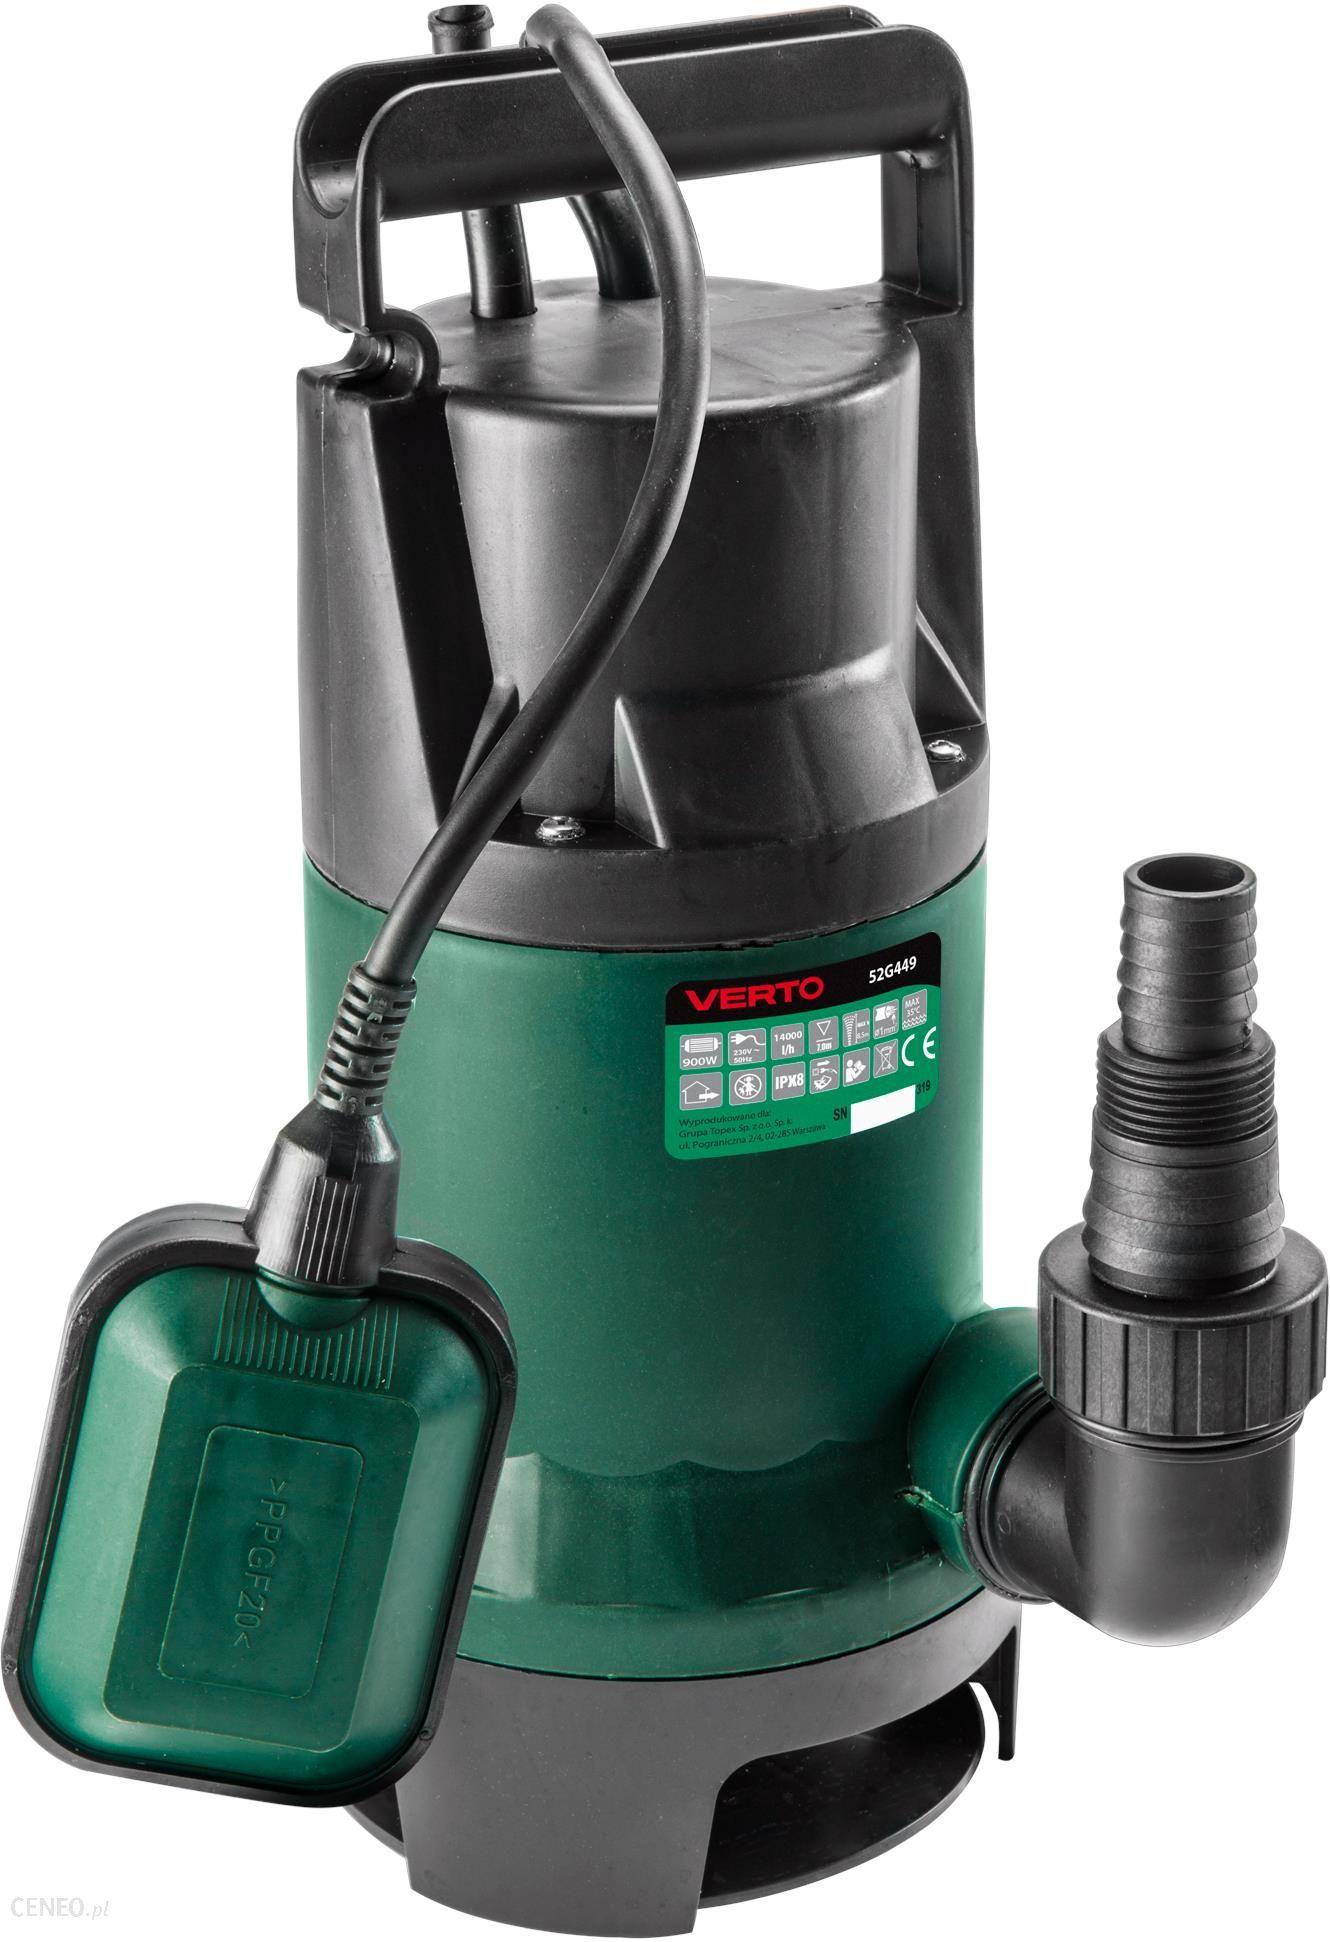 Topnotch Verto Pompa zanurzeniowa do wody brudnej 900W 52G449 - Ceny i XG19